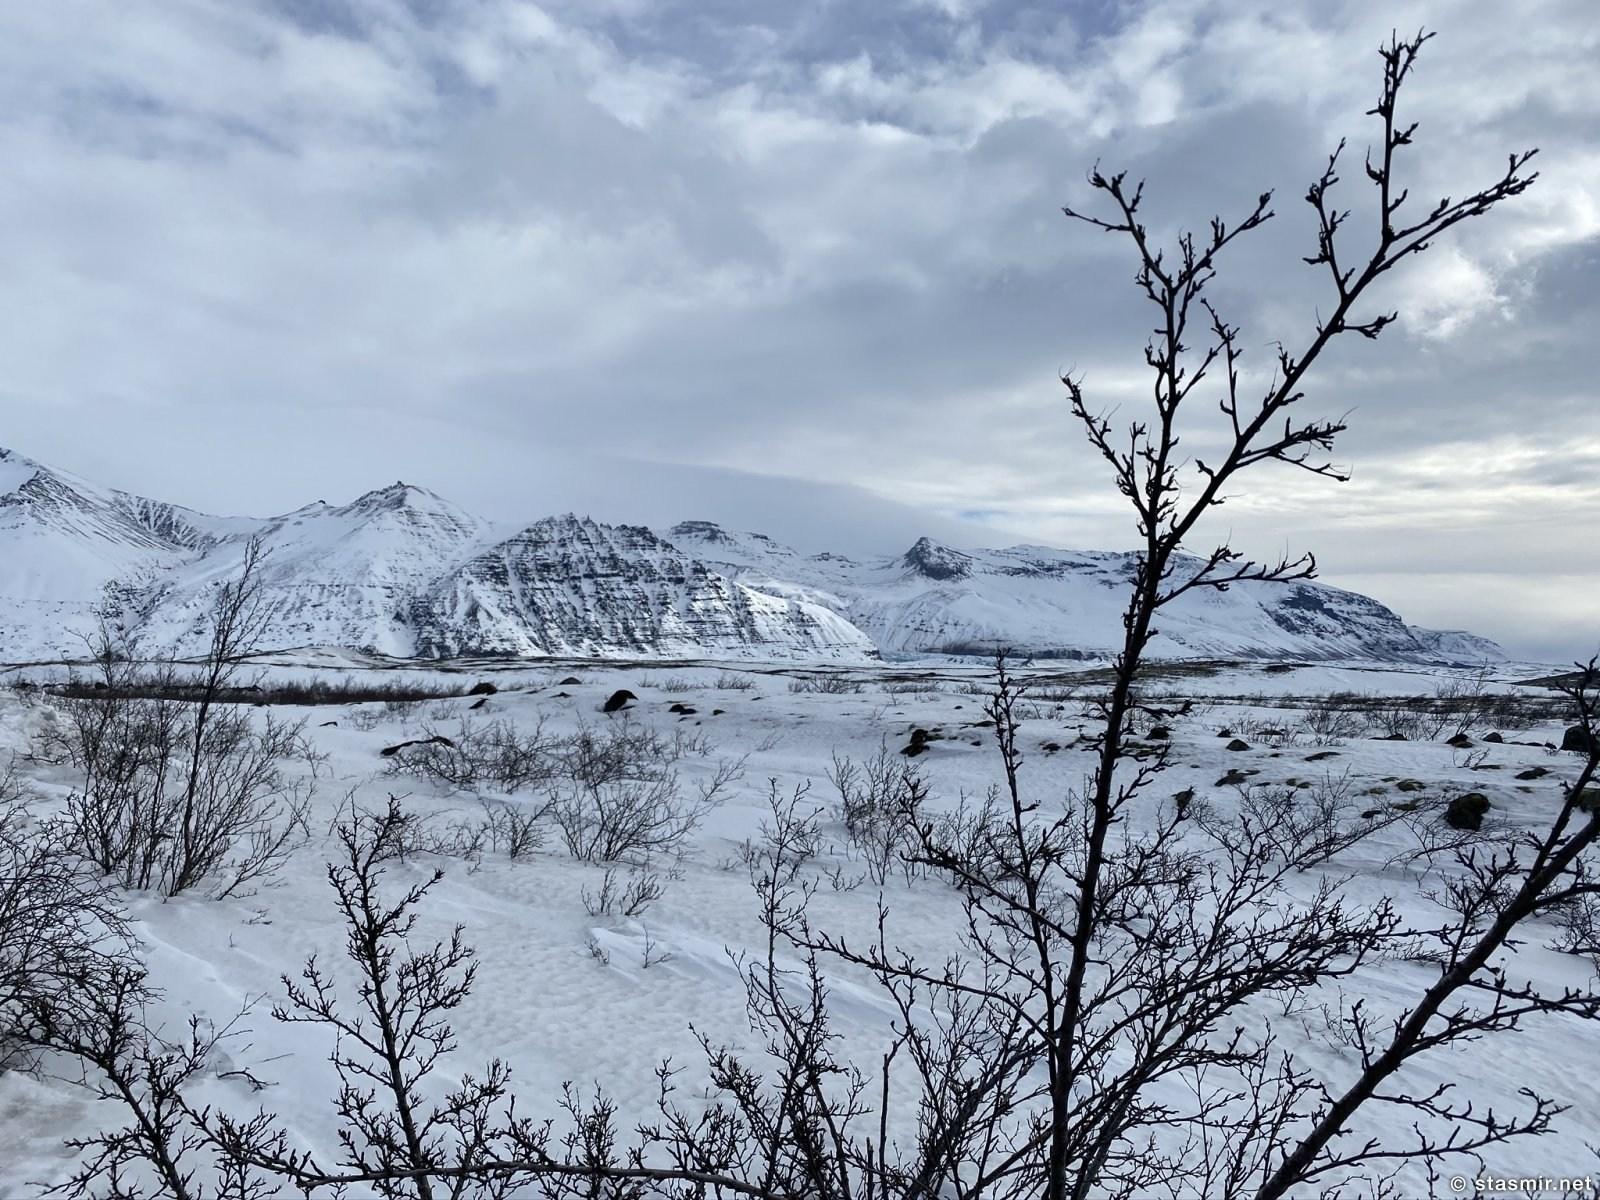 Боргар-фьорд: фото Стасмир, photo Stasmir